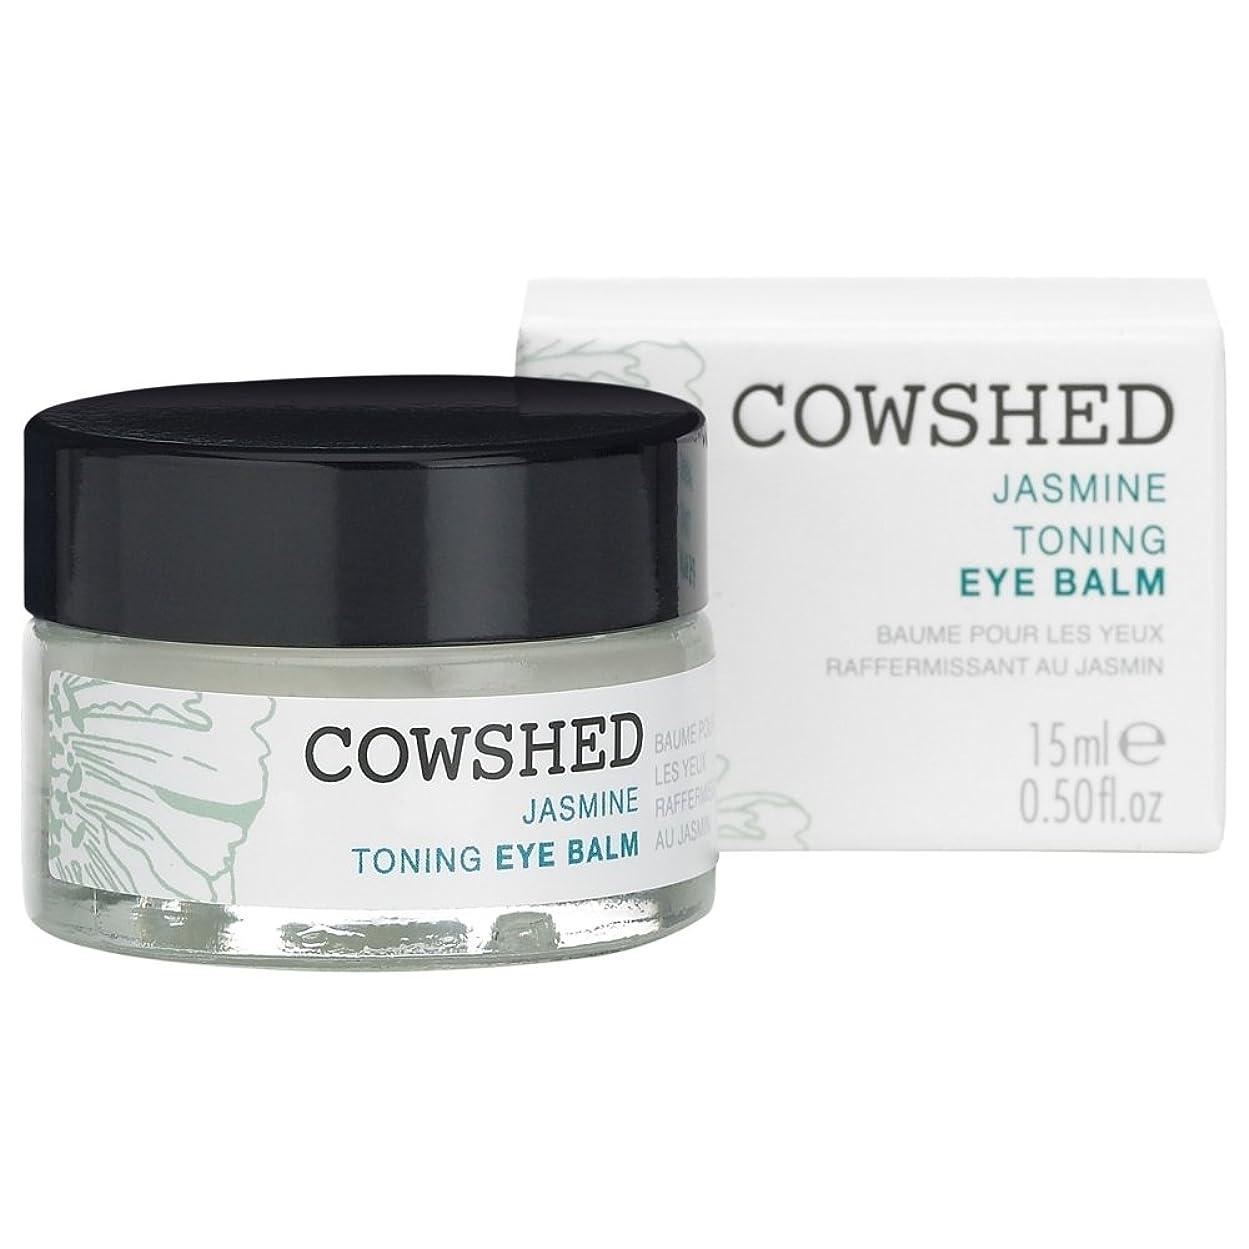 百年スーパー領収書牛舎ジャスミン調色アイクリーム15ミリリットル (Cowshed) - Cowshed Jasmine Toning Eye Balm 15ml [並行輸入品]